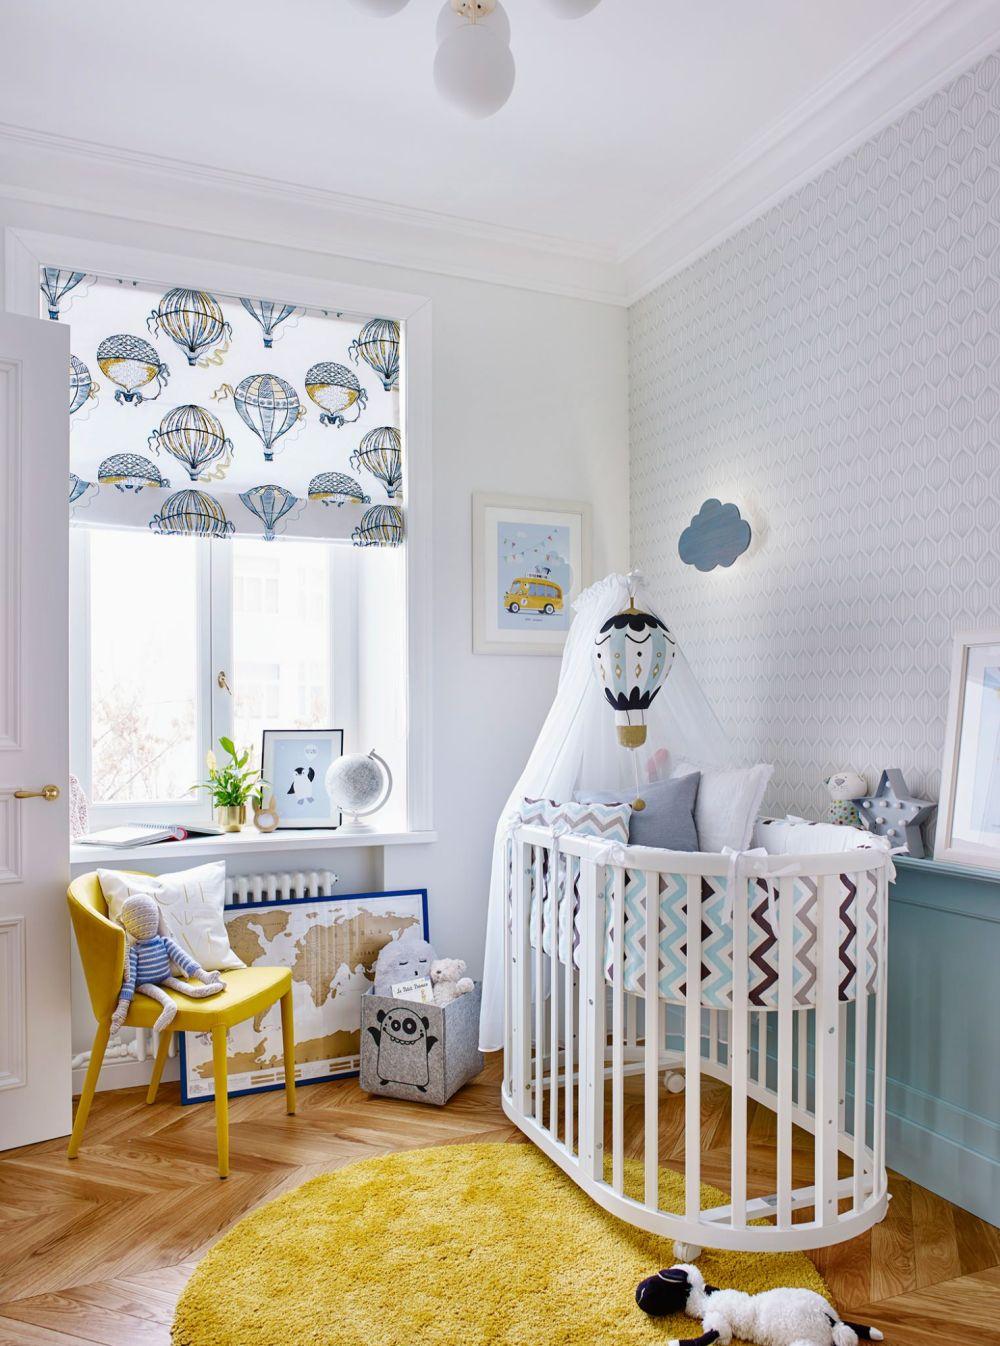 adelaparvu.com despre asezarea corpurilor de iluminat in casa, Foto Anna Kolpakova-Sanasaryan (2)